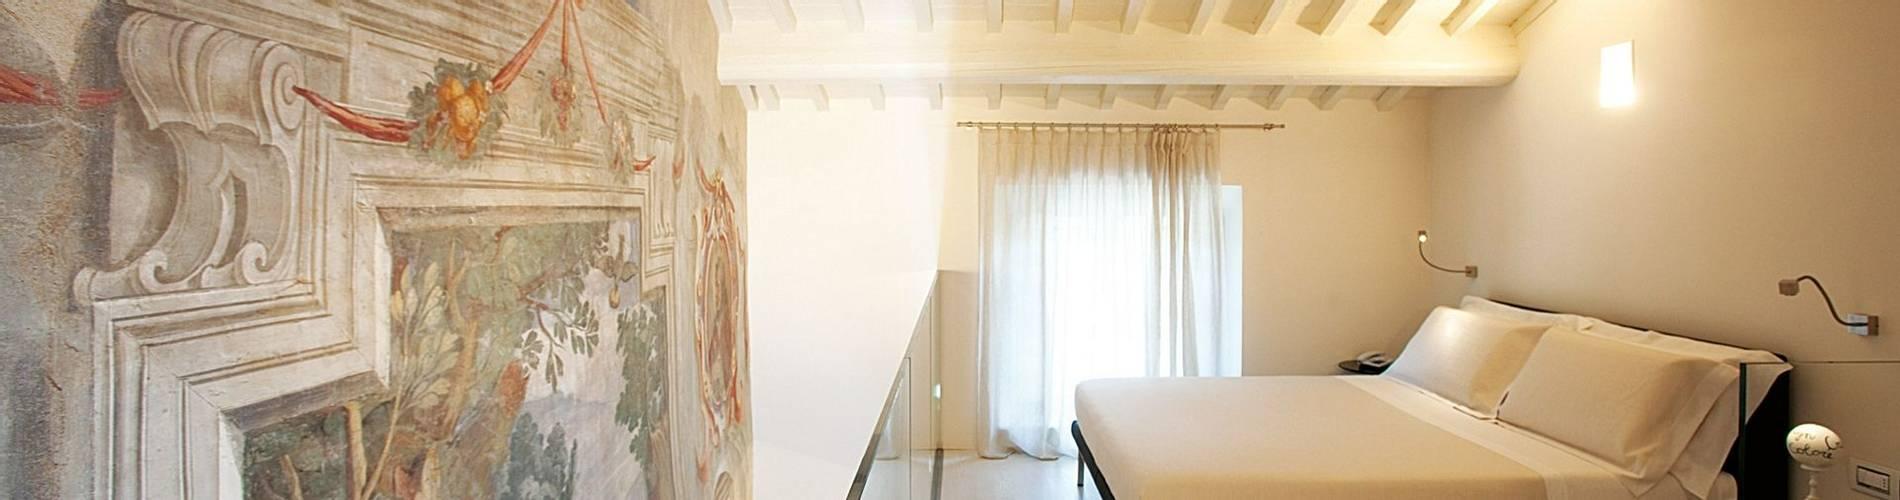 Nun Assisi Suite.jpg